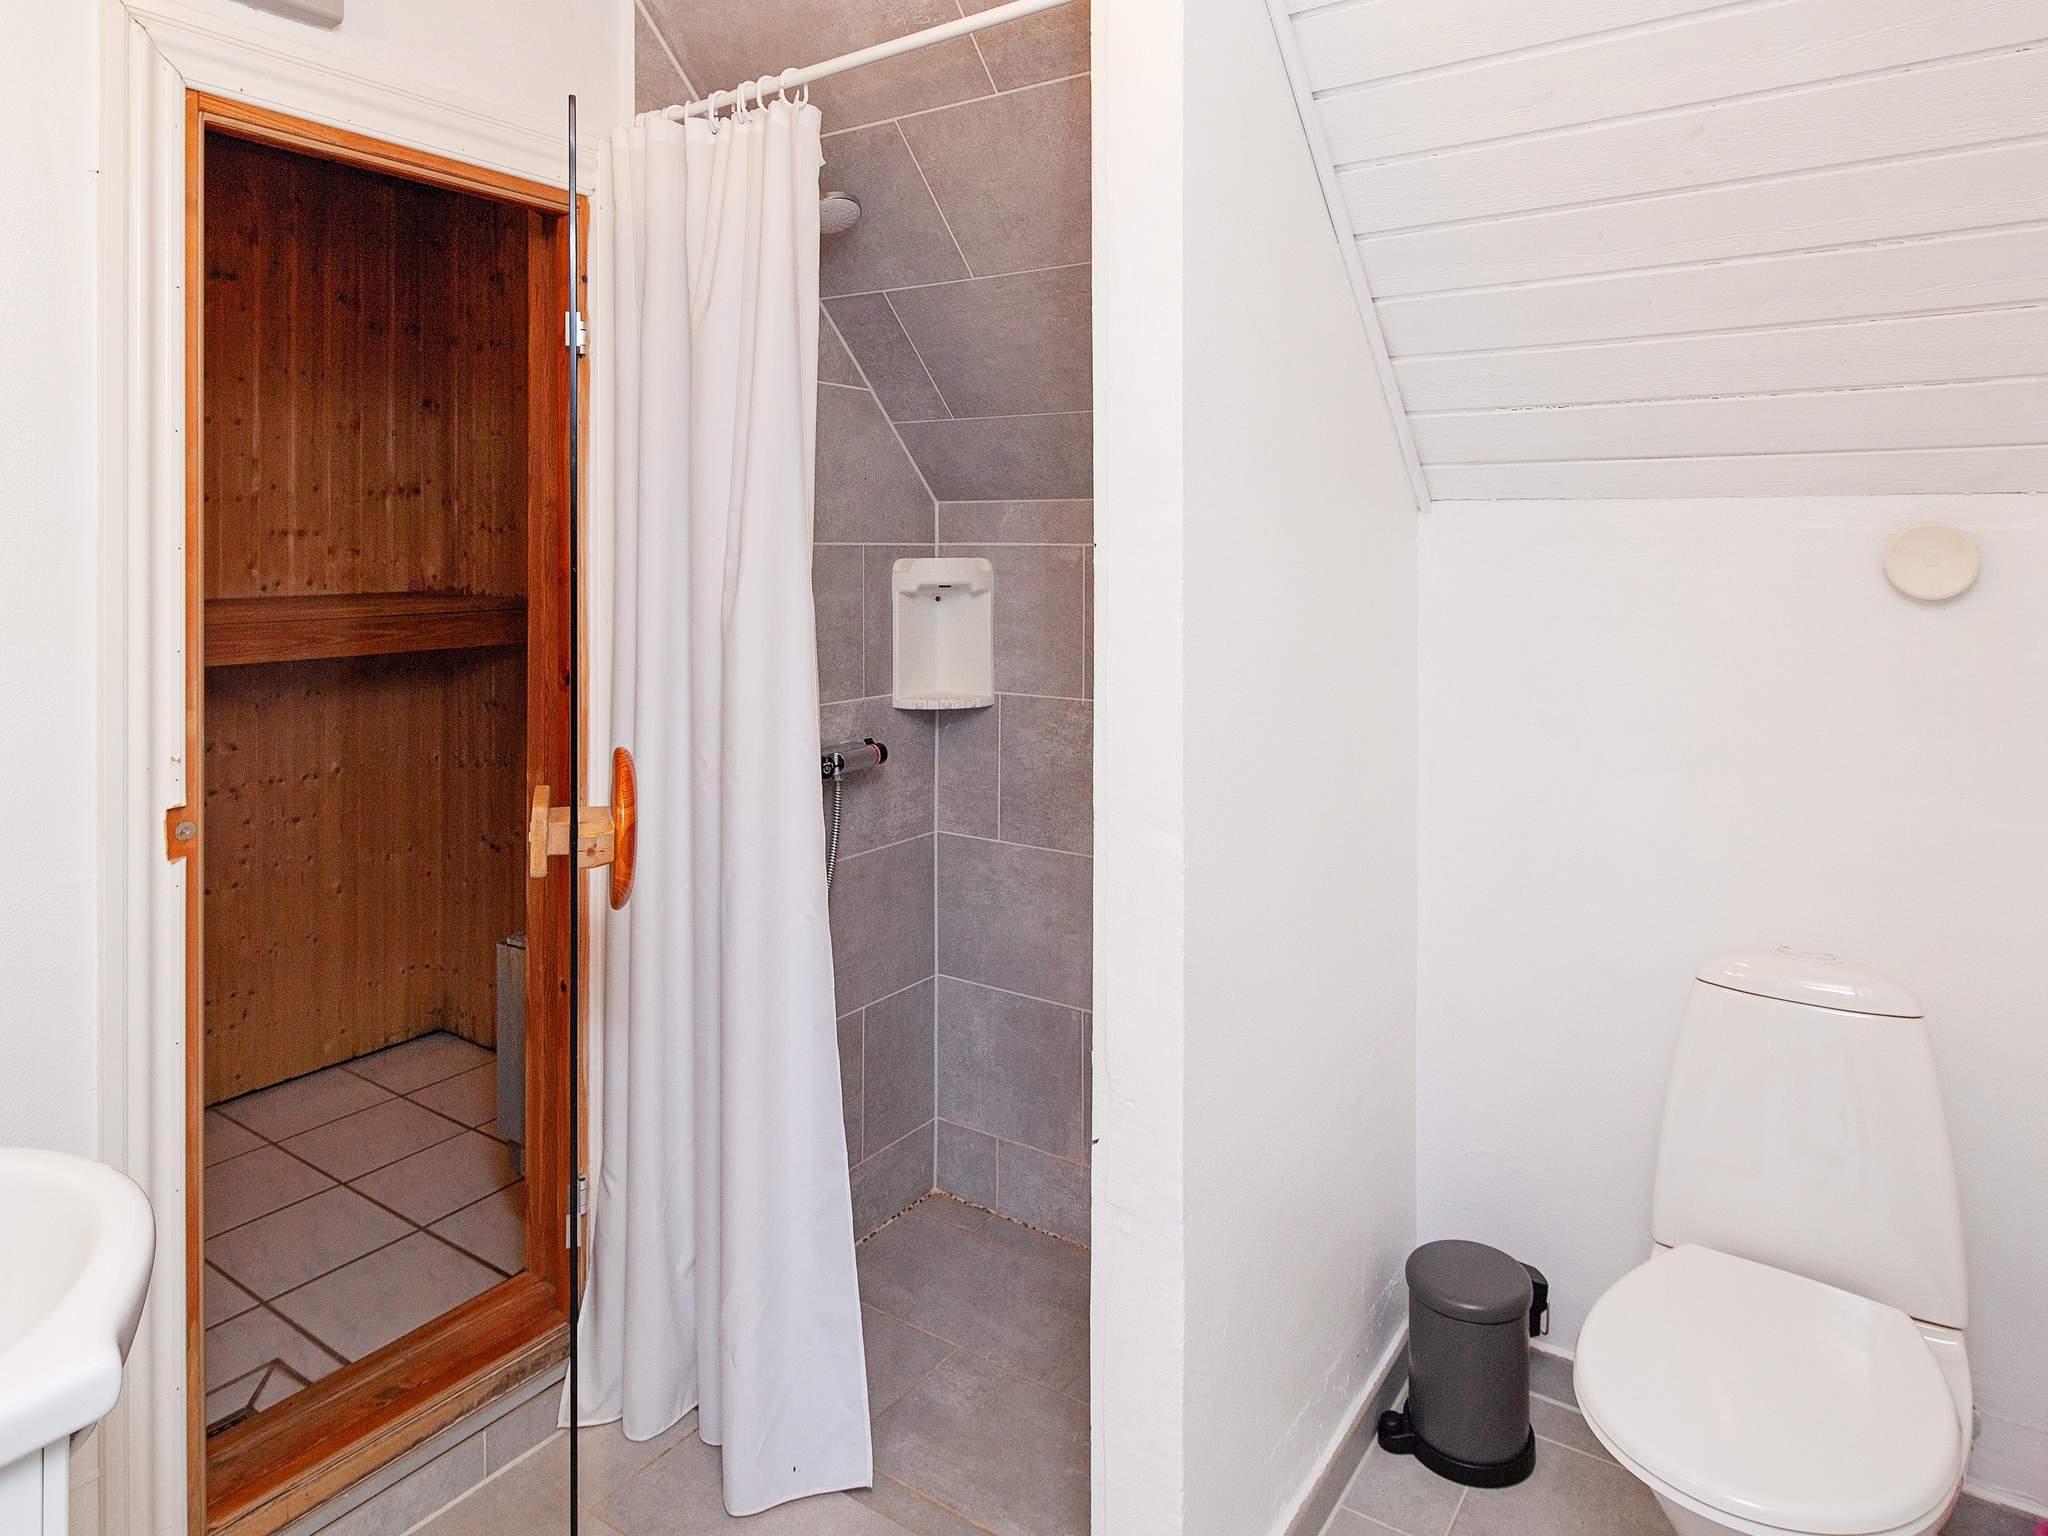 Ferienhaus Marielyst (83201), Marielyst, , Falster, Dänemark, Bild 12